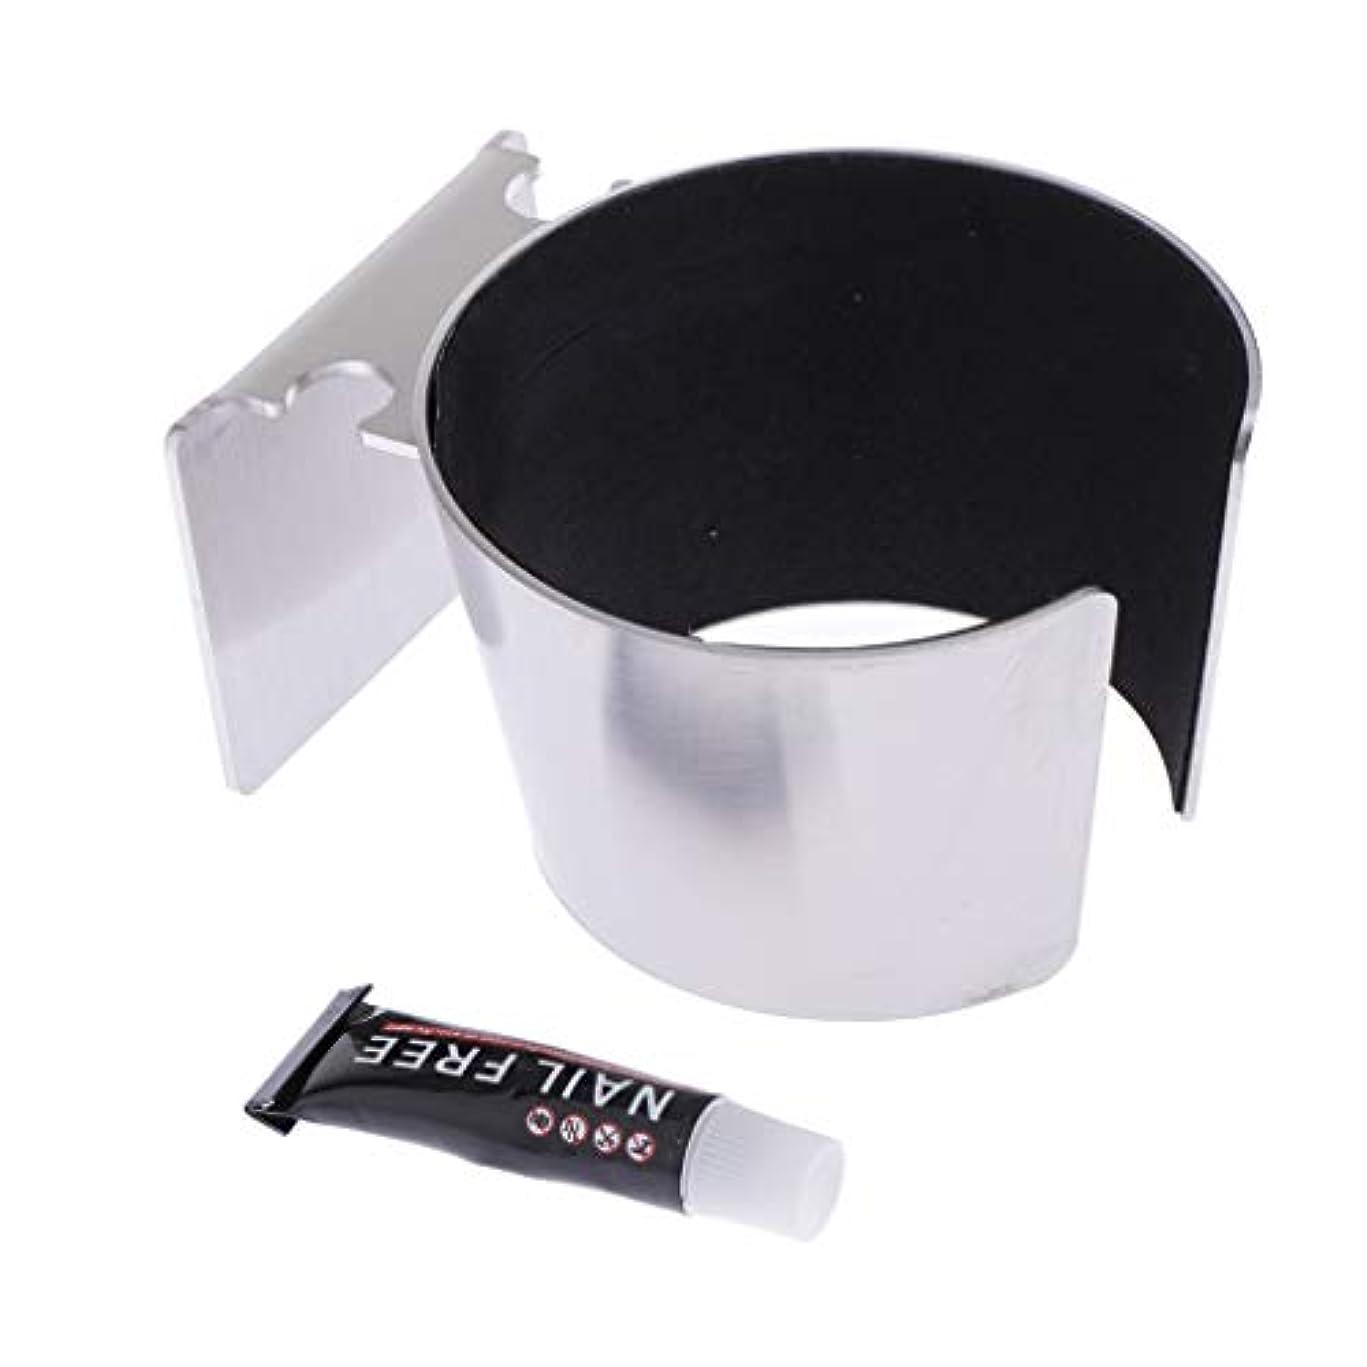 製造業高価な緩むjoyMerit ステンレス鋼のヘアードライヤーのホールダー打つ壁の台紙の接着剤のオルガナイザー無し